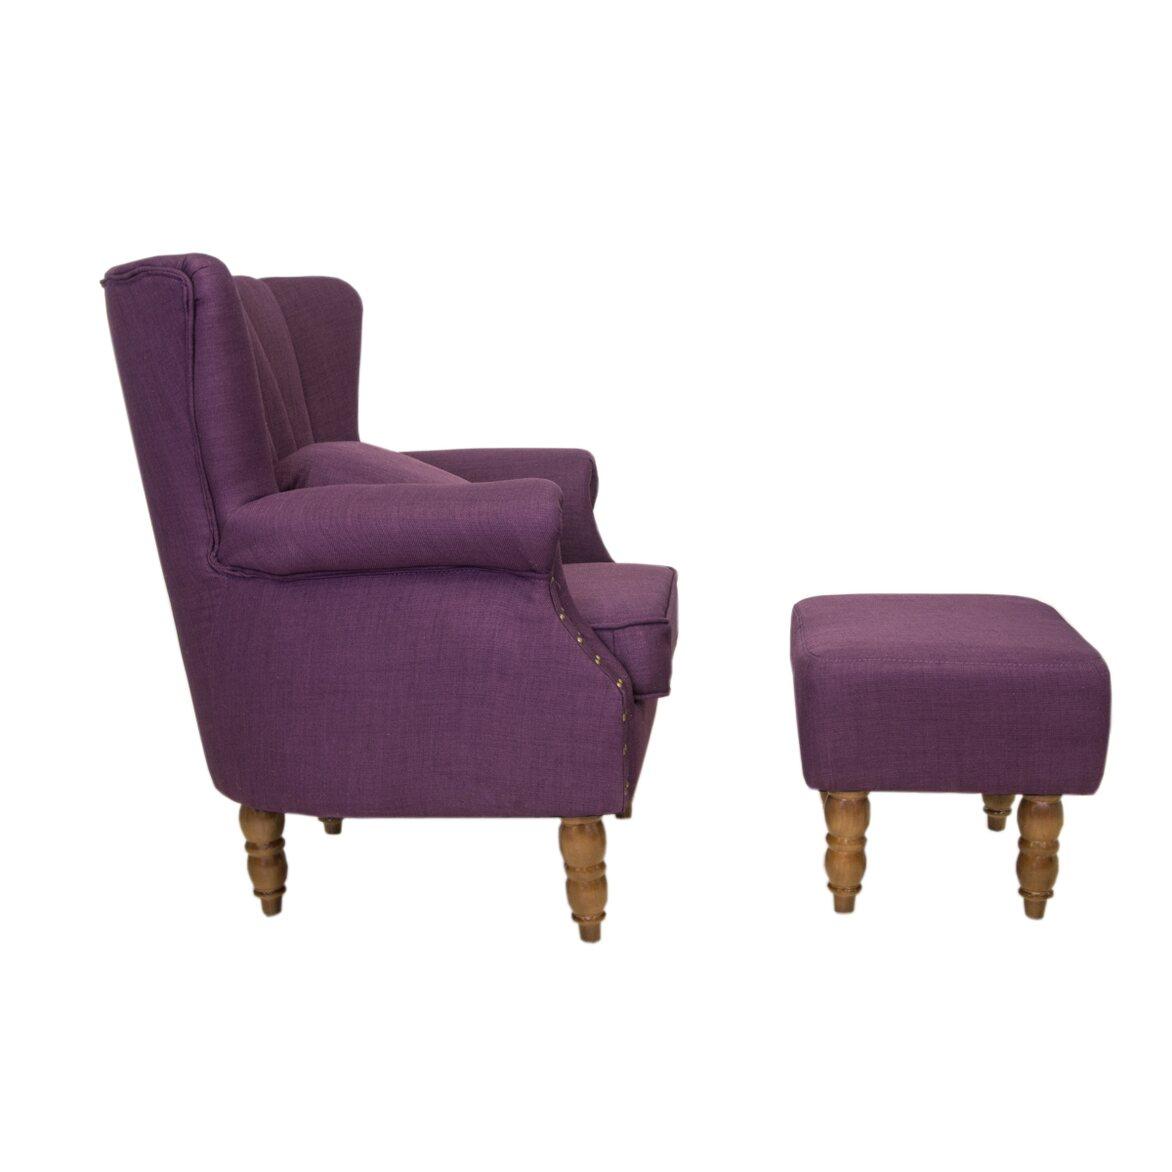 Кресло с пуфом Lab violet 3 | Каминные кресла Kingsby